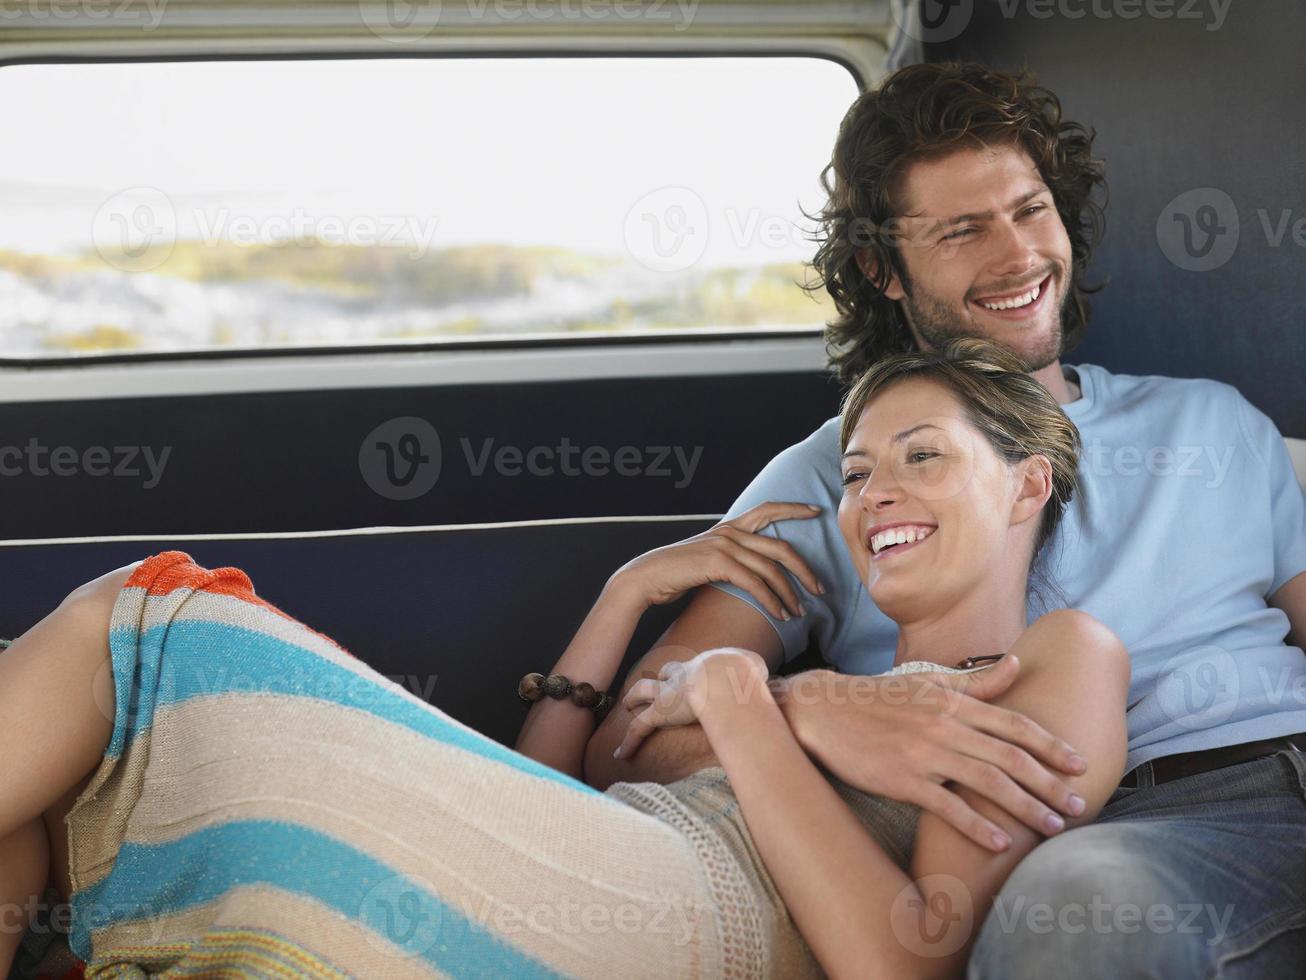 coppia rilassante in camper durante il viaggio foto